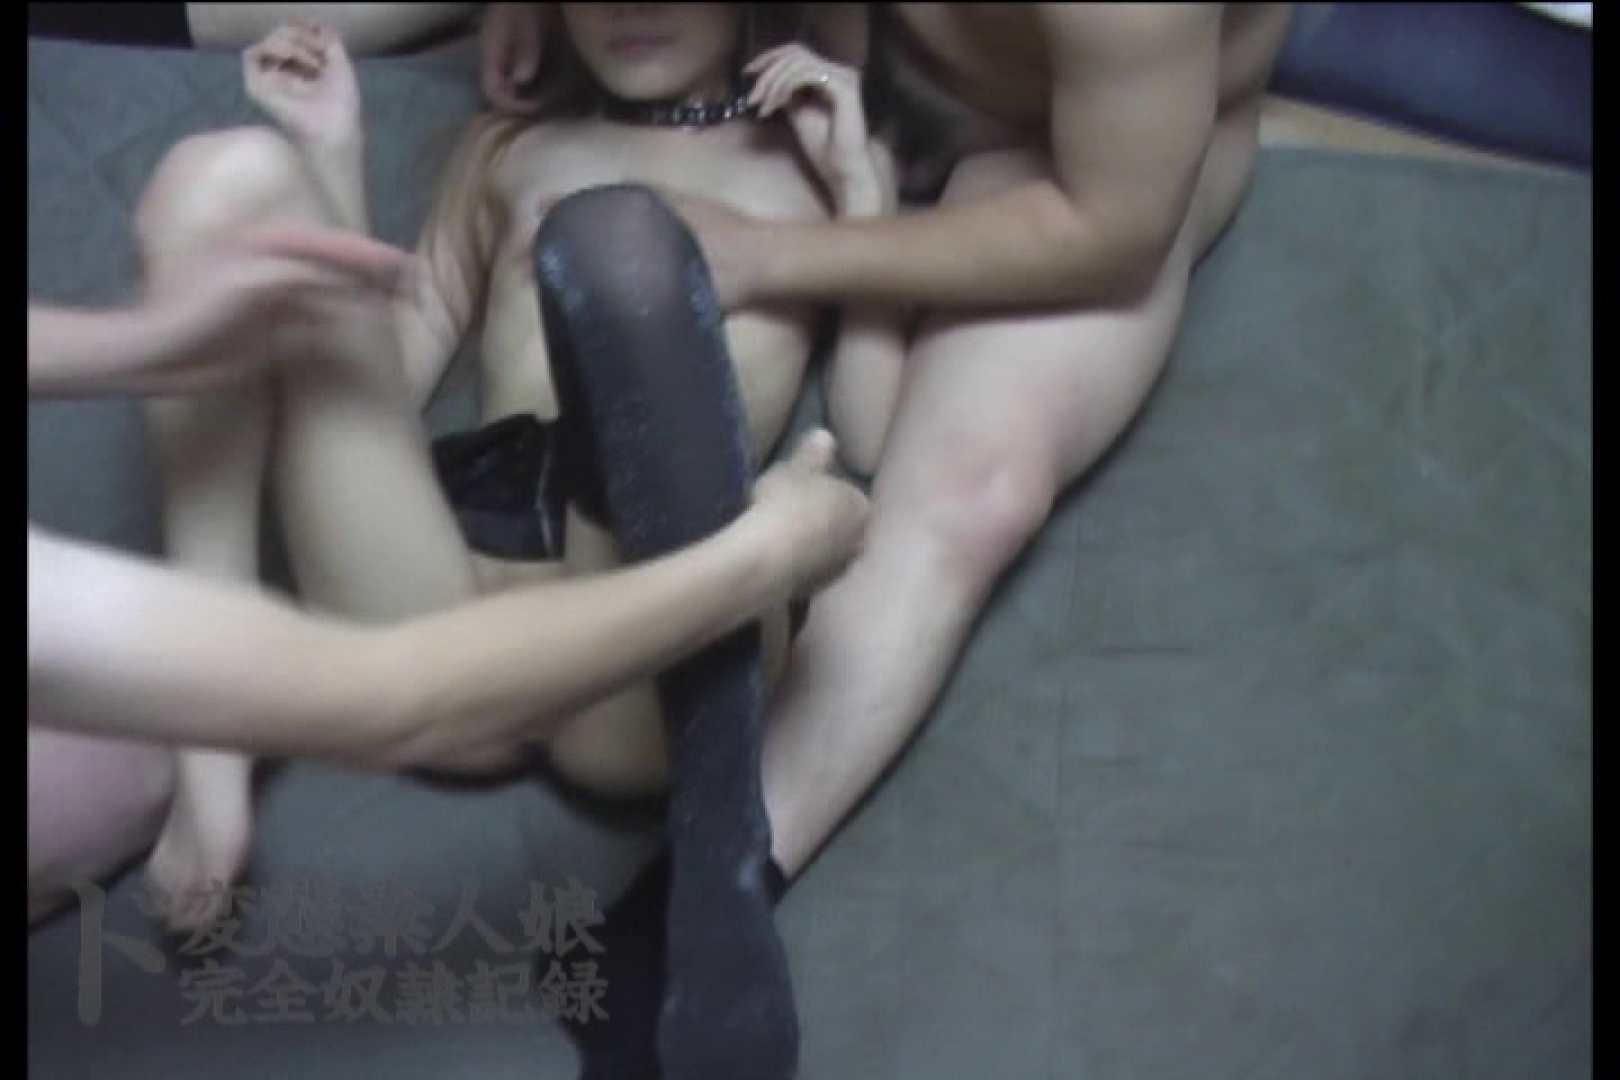 ド変態素人嬢完全奴隷記録 ~其の玖~ 素人 のぞき動画キャプチャ 57連発 17